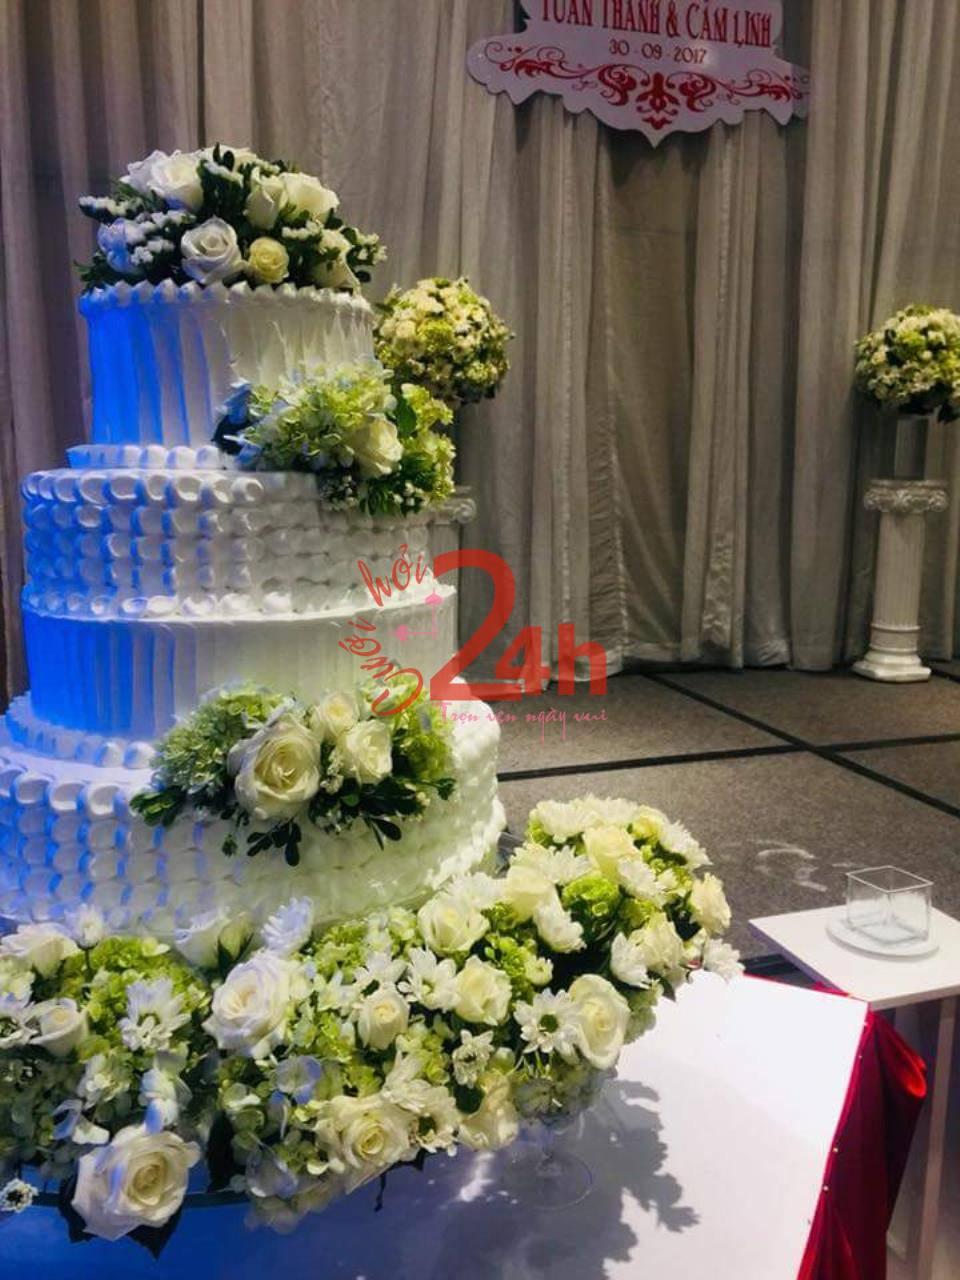 Dịch vụ cưới hỏi 24h trọn vẹn ngày vui chuyên trang trí nhà đám cưới hỏi và nhà hàng tiệc cưới | Hoa trang trí tiệc cưới trên chiếc bánh kem nhiều tầng